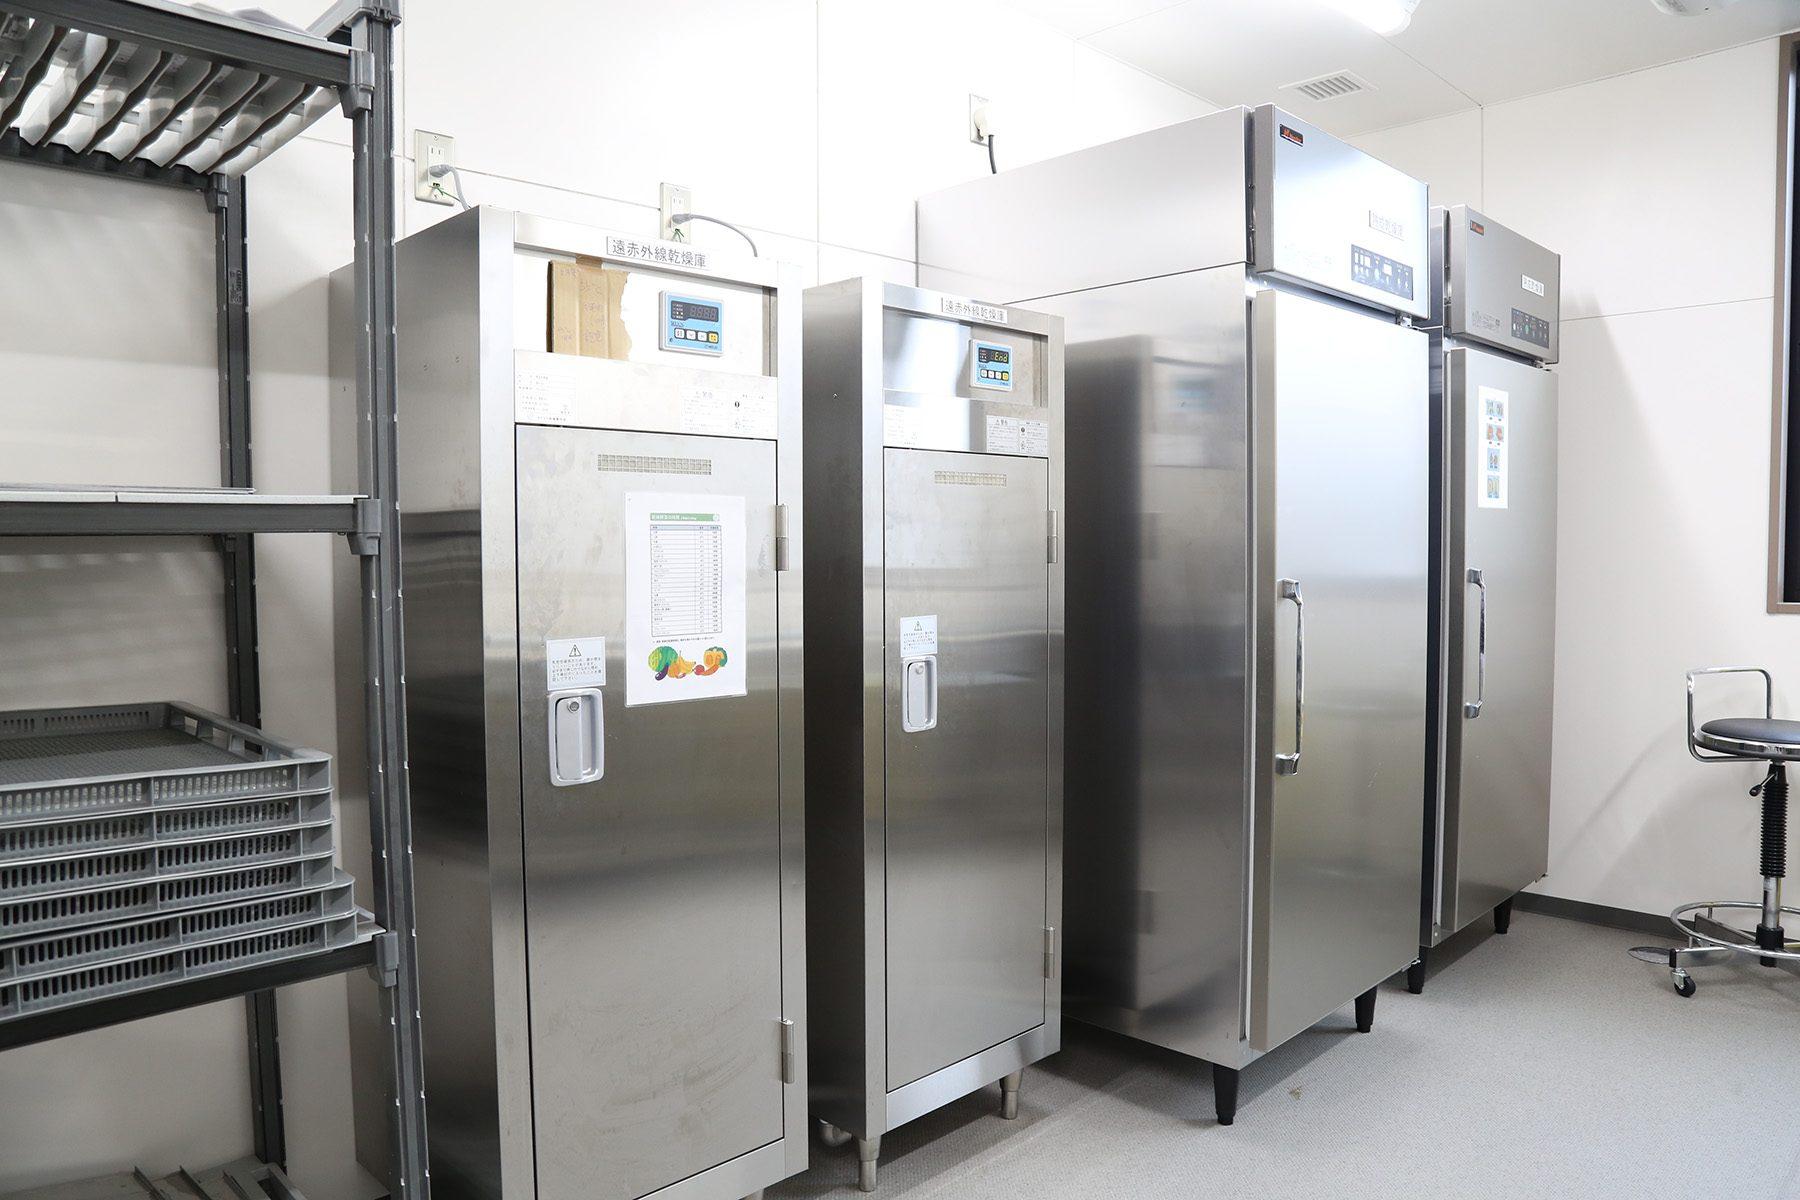 凍結乾燥機、熟成乾燥庫、真空包装機、遠赤外線乾燥機、スピードミル